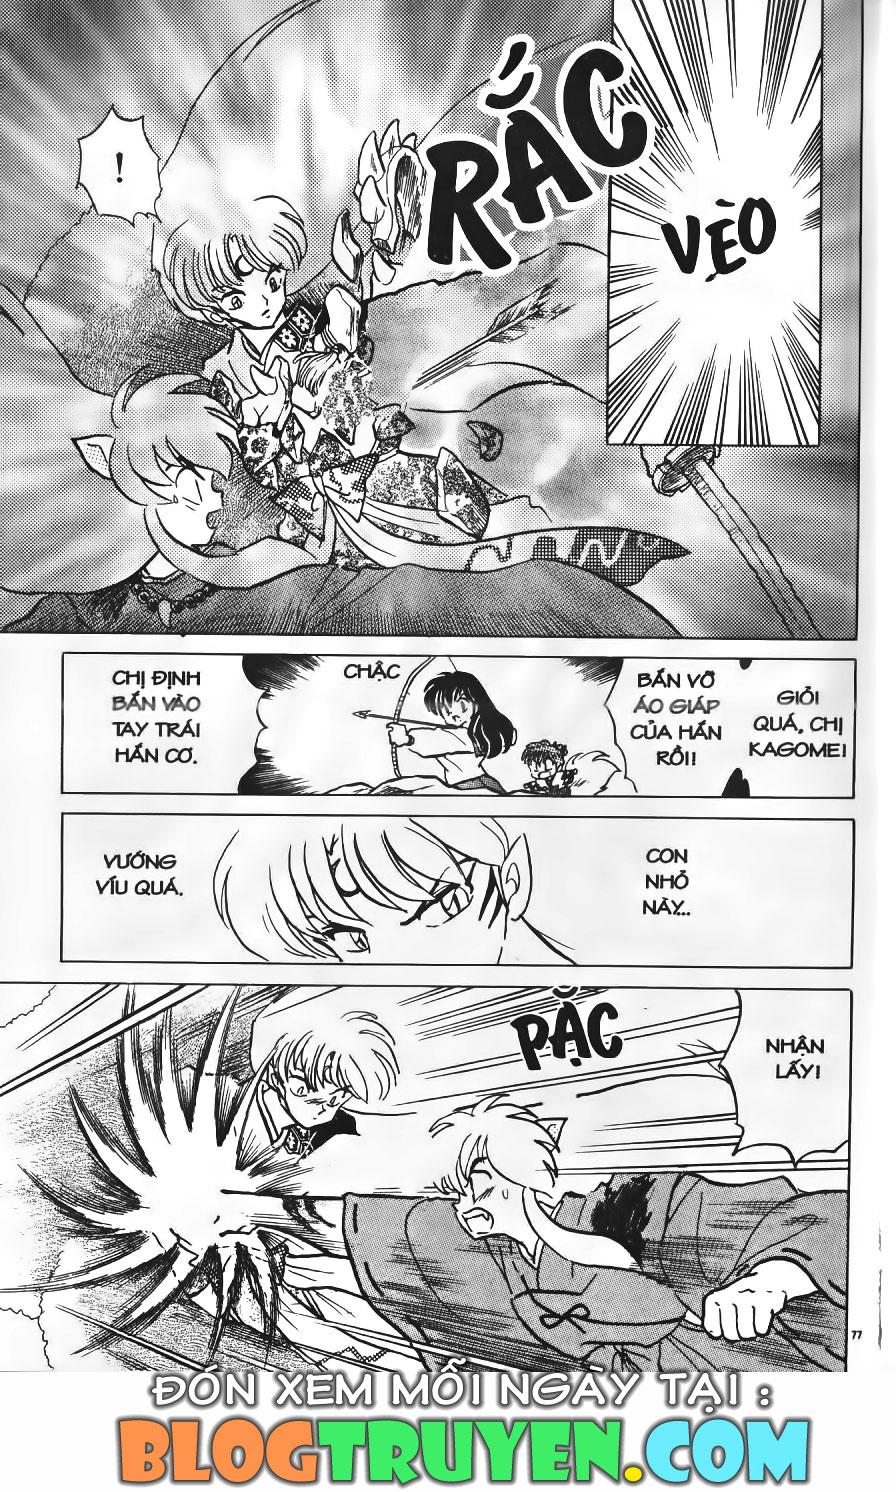 Inuyasha vol 07.4 trang 16